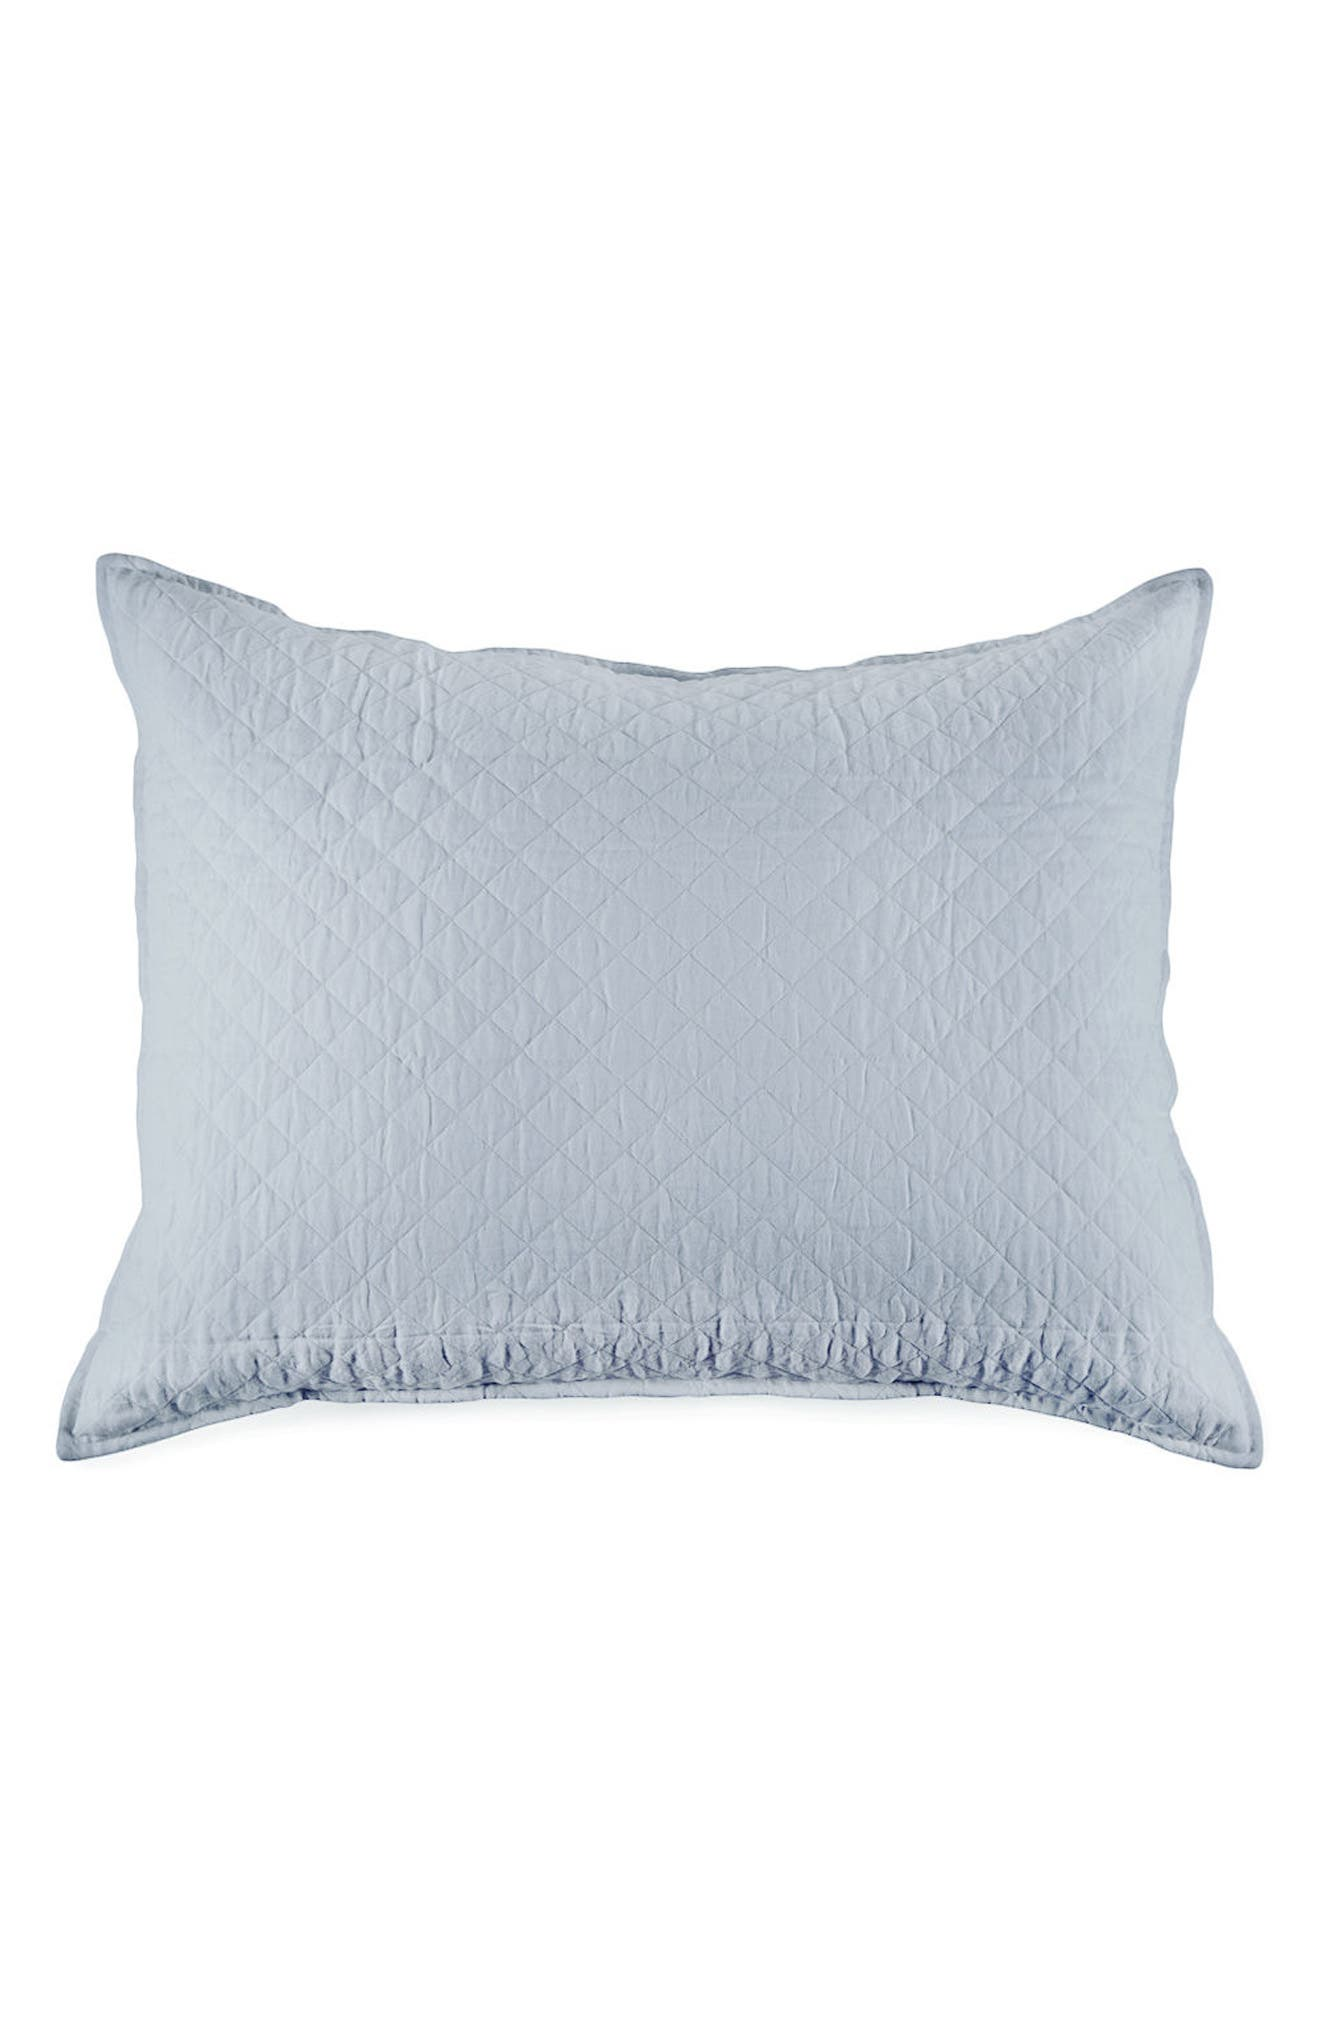 Pom Pom at Home Hampton Big Accent Pillow